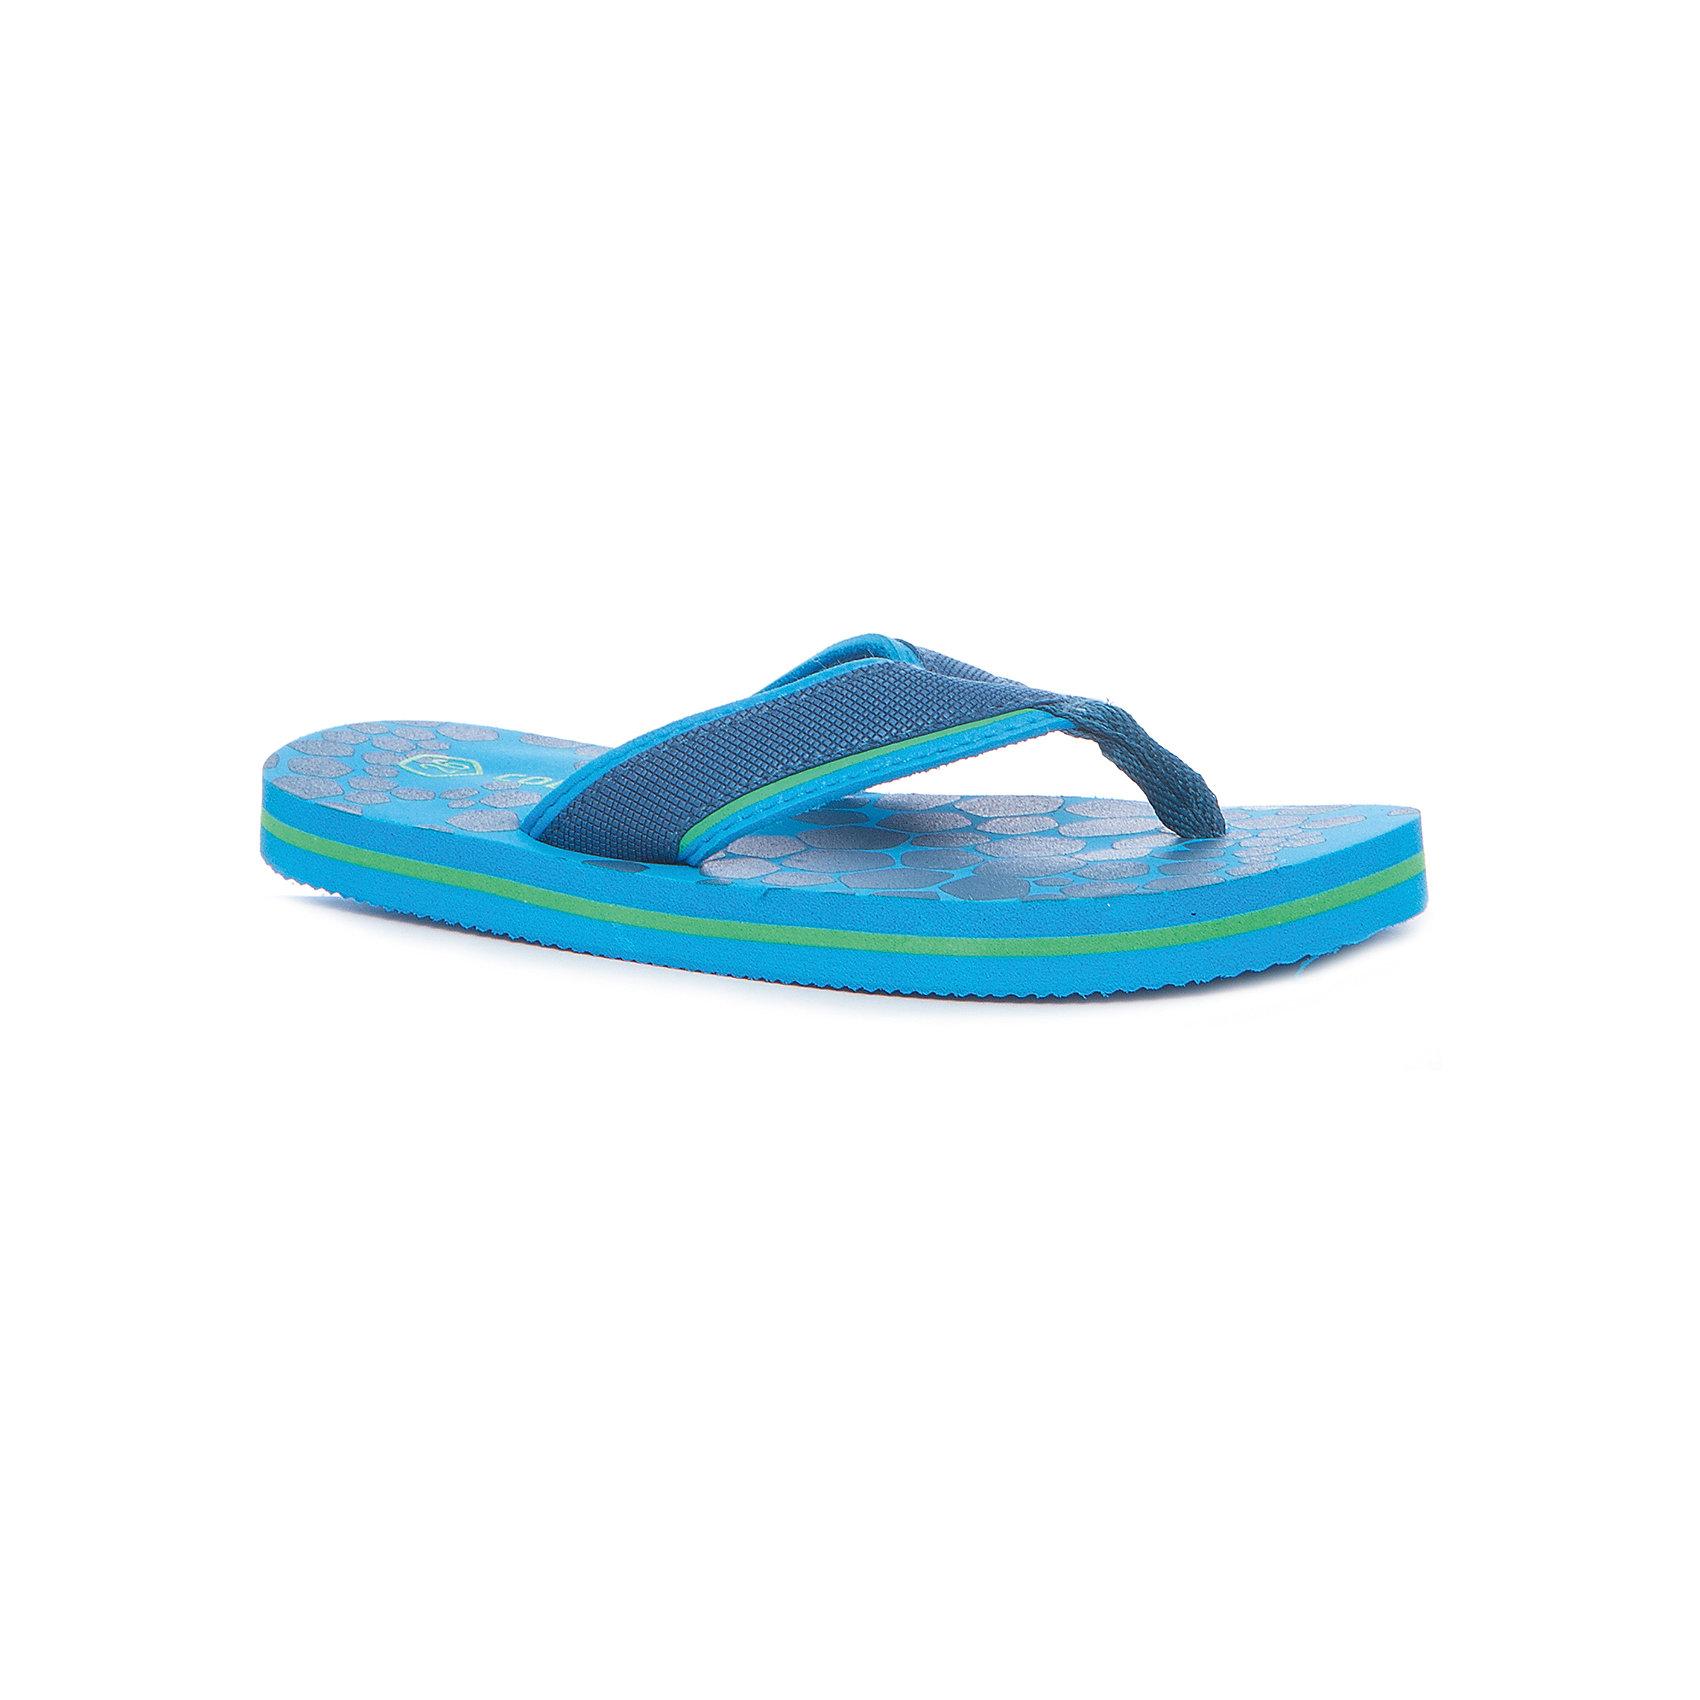 Шлепанцы для мальчика Color KidsПляжная обувь<br>Характеристики товара:<br><br>• цвет: голубой<br>• состав: текстиль<br>• застежка: нет<br>• яркие элементы<br>• подошва: EVA<br>• страна производства: Китай<br>• страна бренда: Дания<br><br>Шлепанцы Колор Кидс сделаны из прочного и легкого материала, поэтому отлично подойдут для пляжного отдыха. <br><br>Они комфортно сидят и обеспечивает ребенку необходимое удобство.<br><br>Шлепанцы от датского бренда Color Kids (Колор кидз) можно купить в нашем интернет-магазине.<br><br>Ширина мм: 225<br>Глубина мм: 139<br>Высота мм: 112<br>Вес г: 290<br>Цвет: голубой<br>Возраст от месяцев: 120<br>Возраст до месяцев: 132<br>Пол: Унисекс<br>Возраст: Детский<br>Размер: 34,26,28,30,32<br>SKU: 5557385